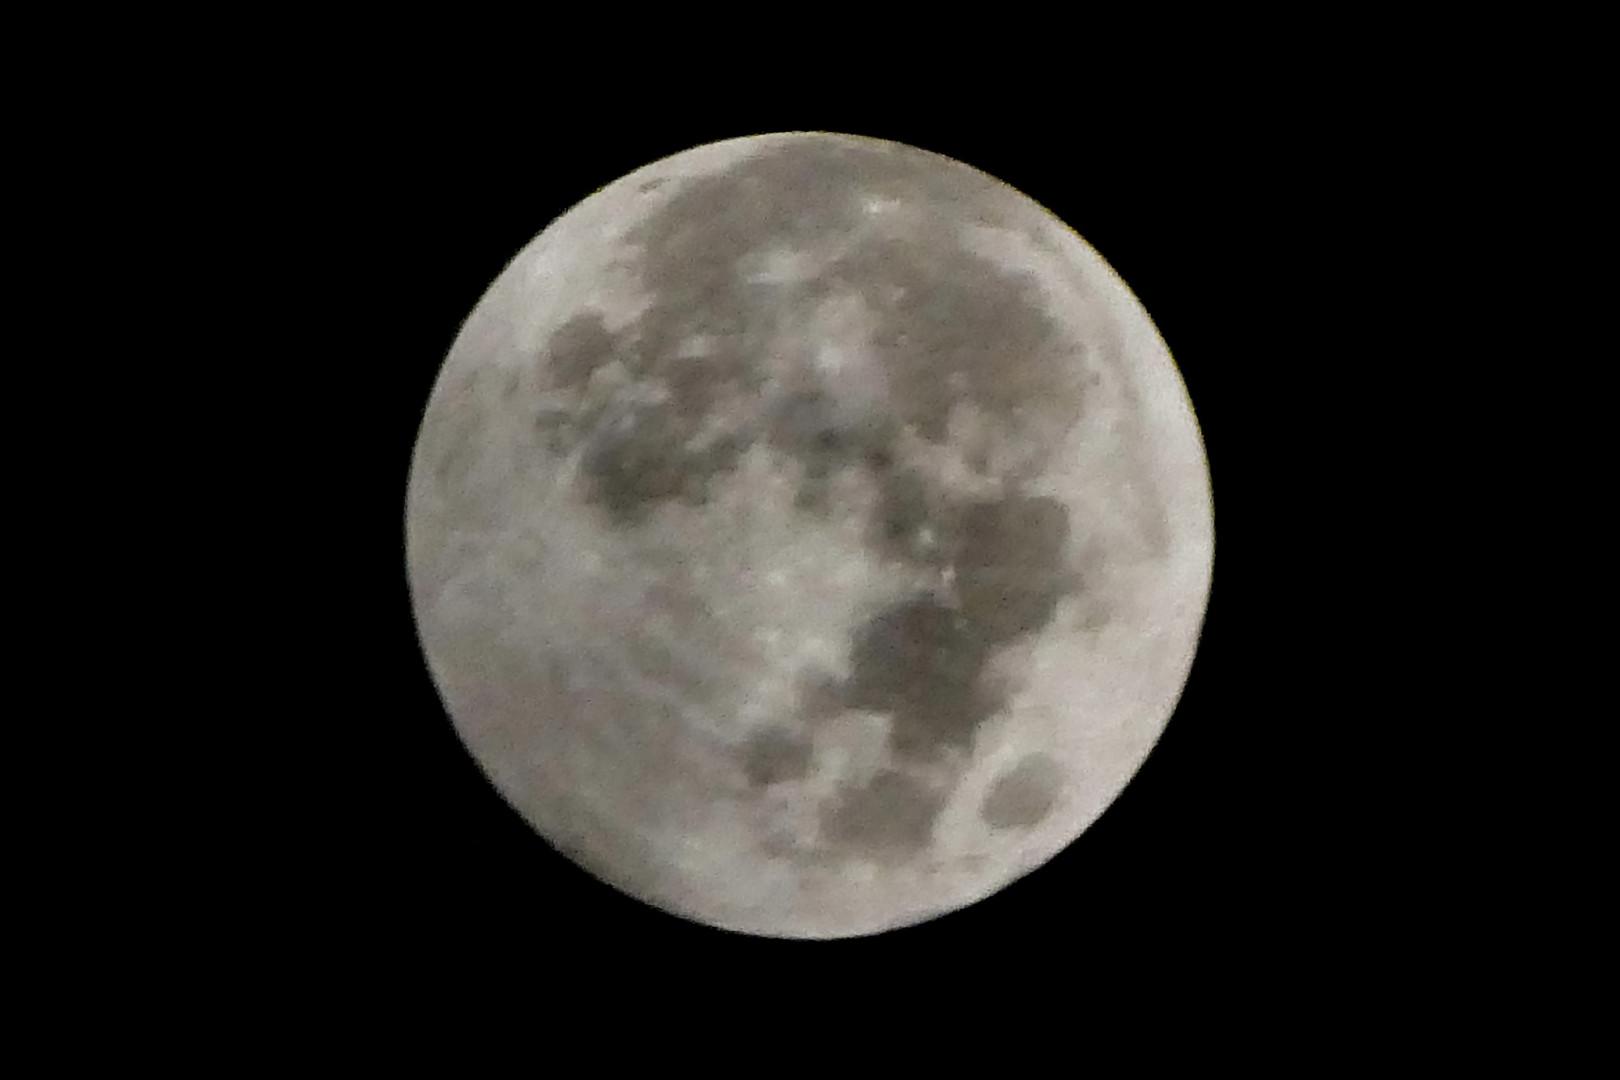 Une pleine lune pendant une éclipse pénombrale maximale à Jakarta, en Indonésie.